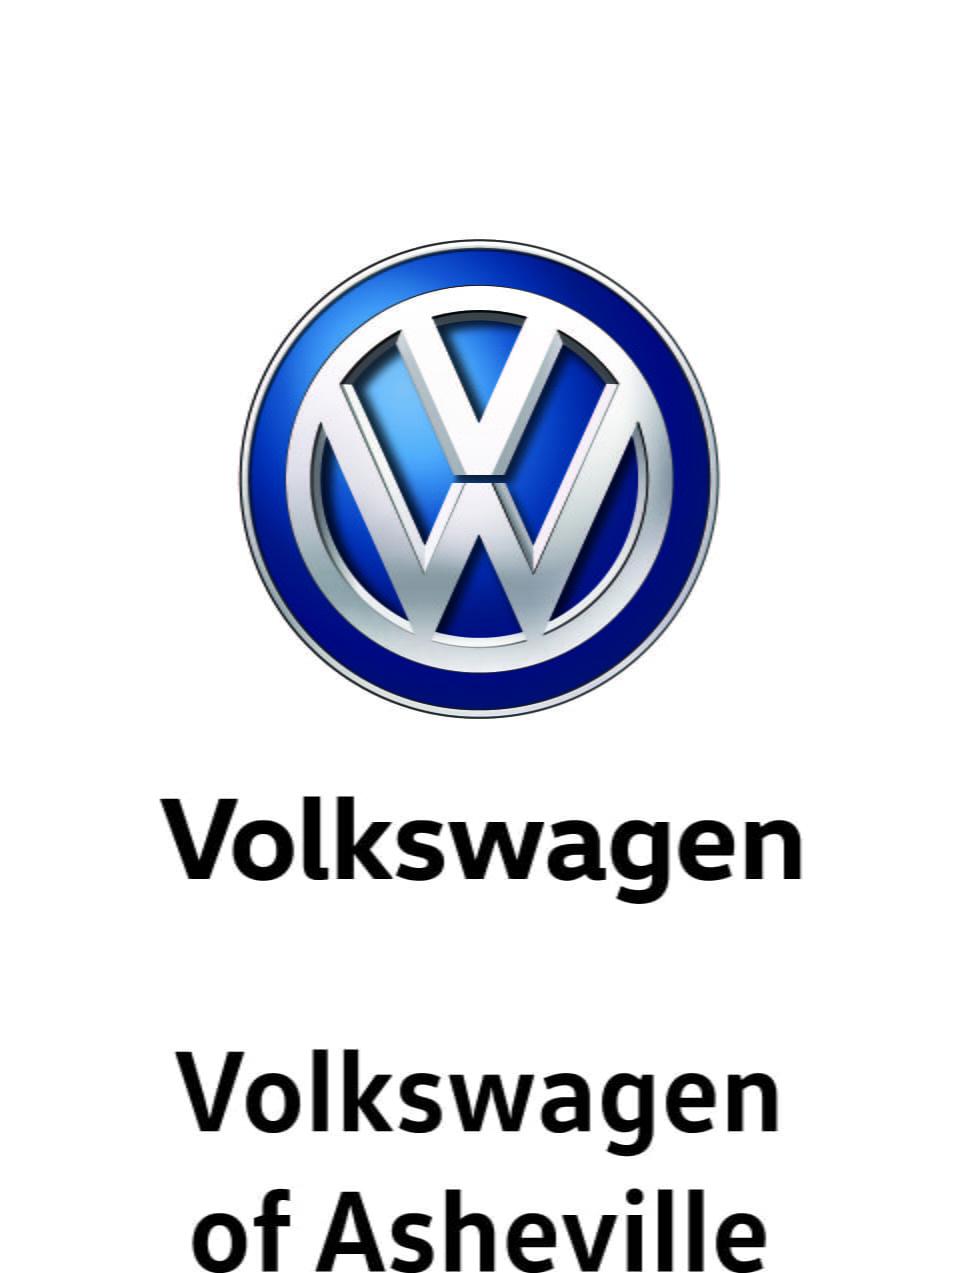 Volkswagen Asheville logo